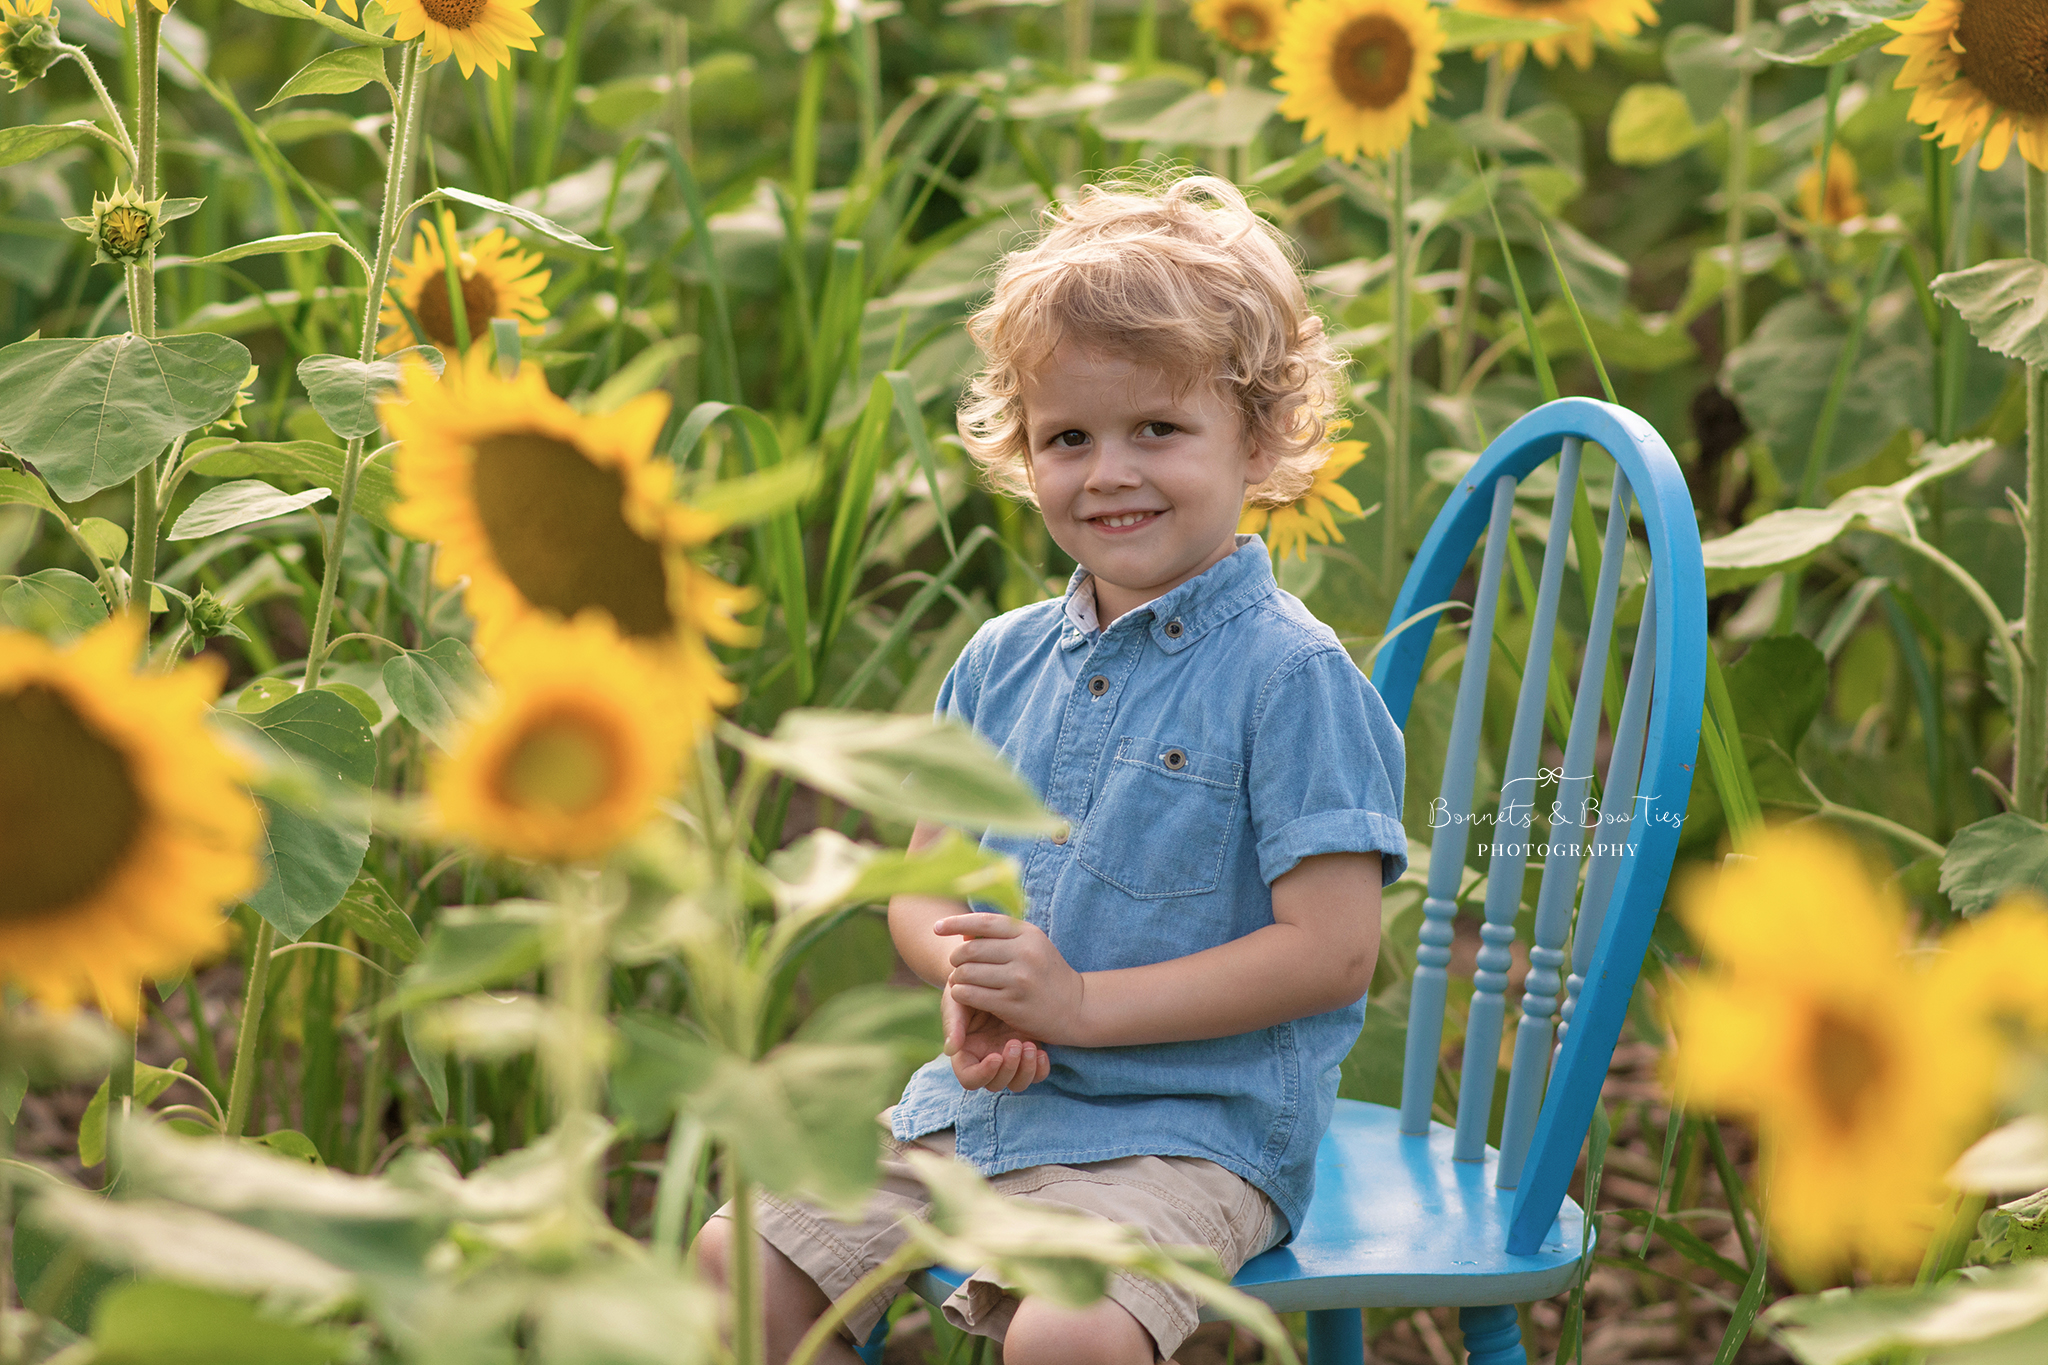 boy posing on chair in sunflower field.jpg